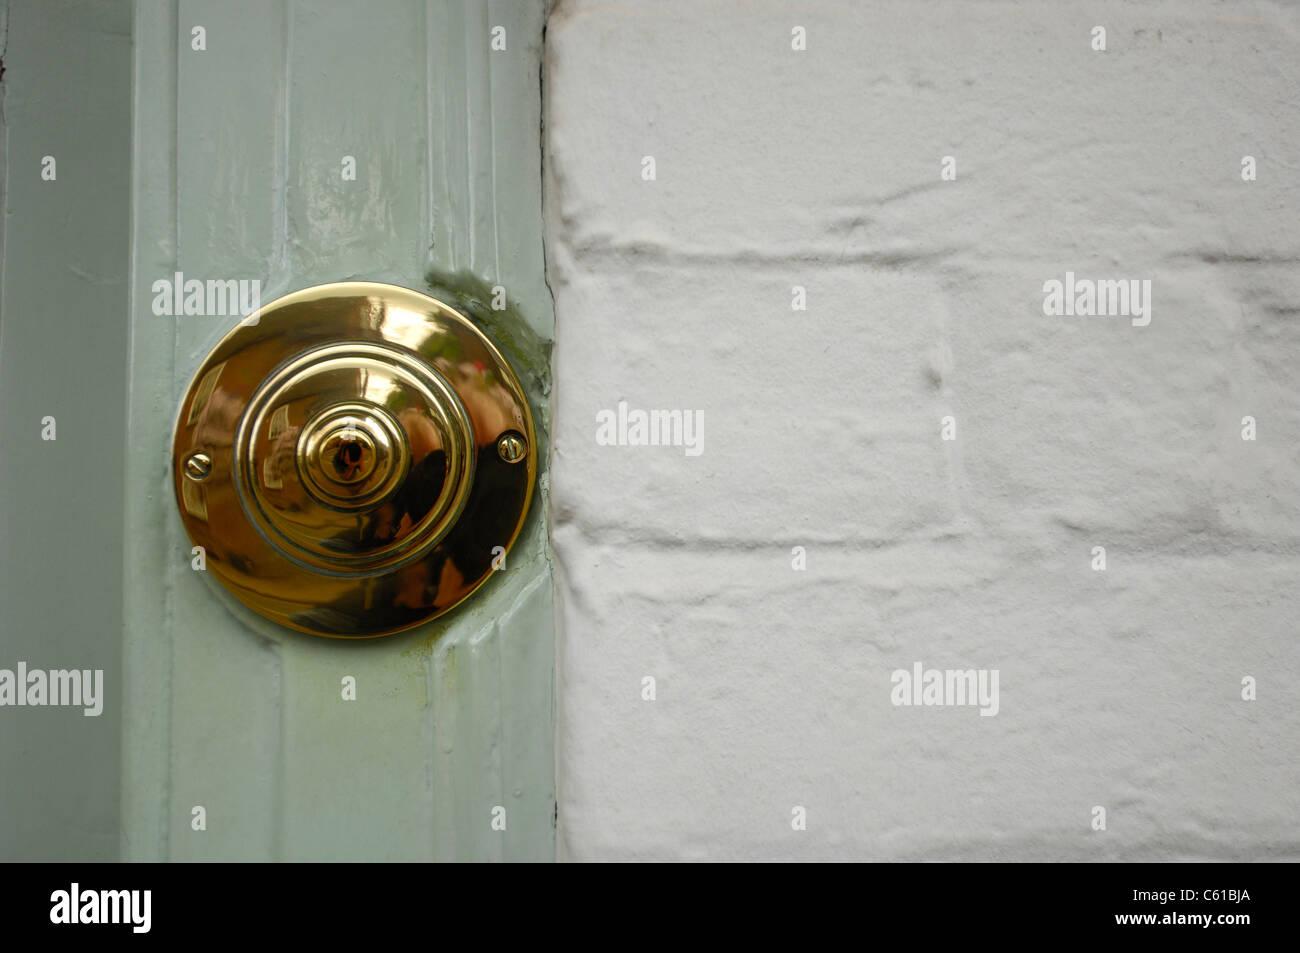 Brass Door Bell Stockfotos & Brass Door Bell Bilder - Alamy